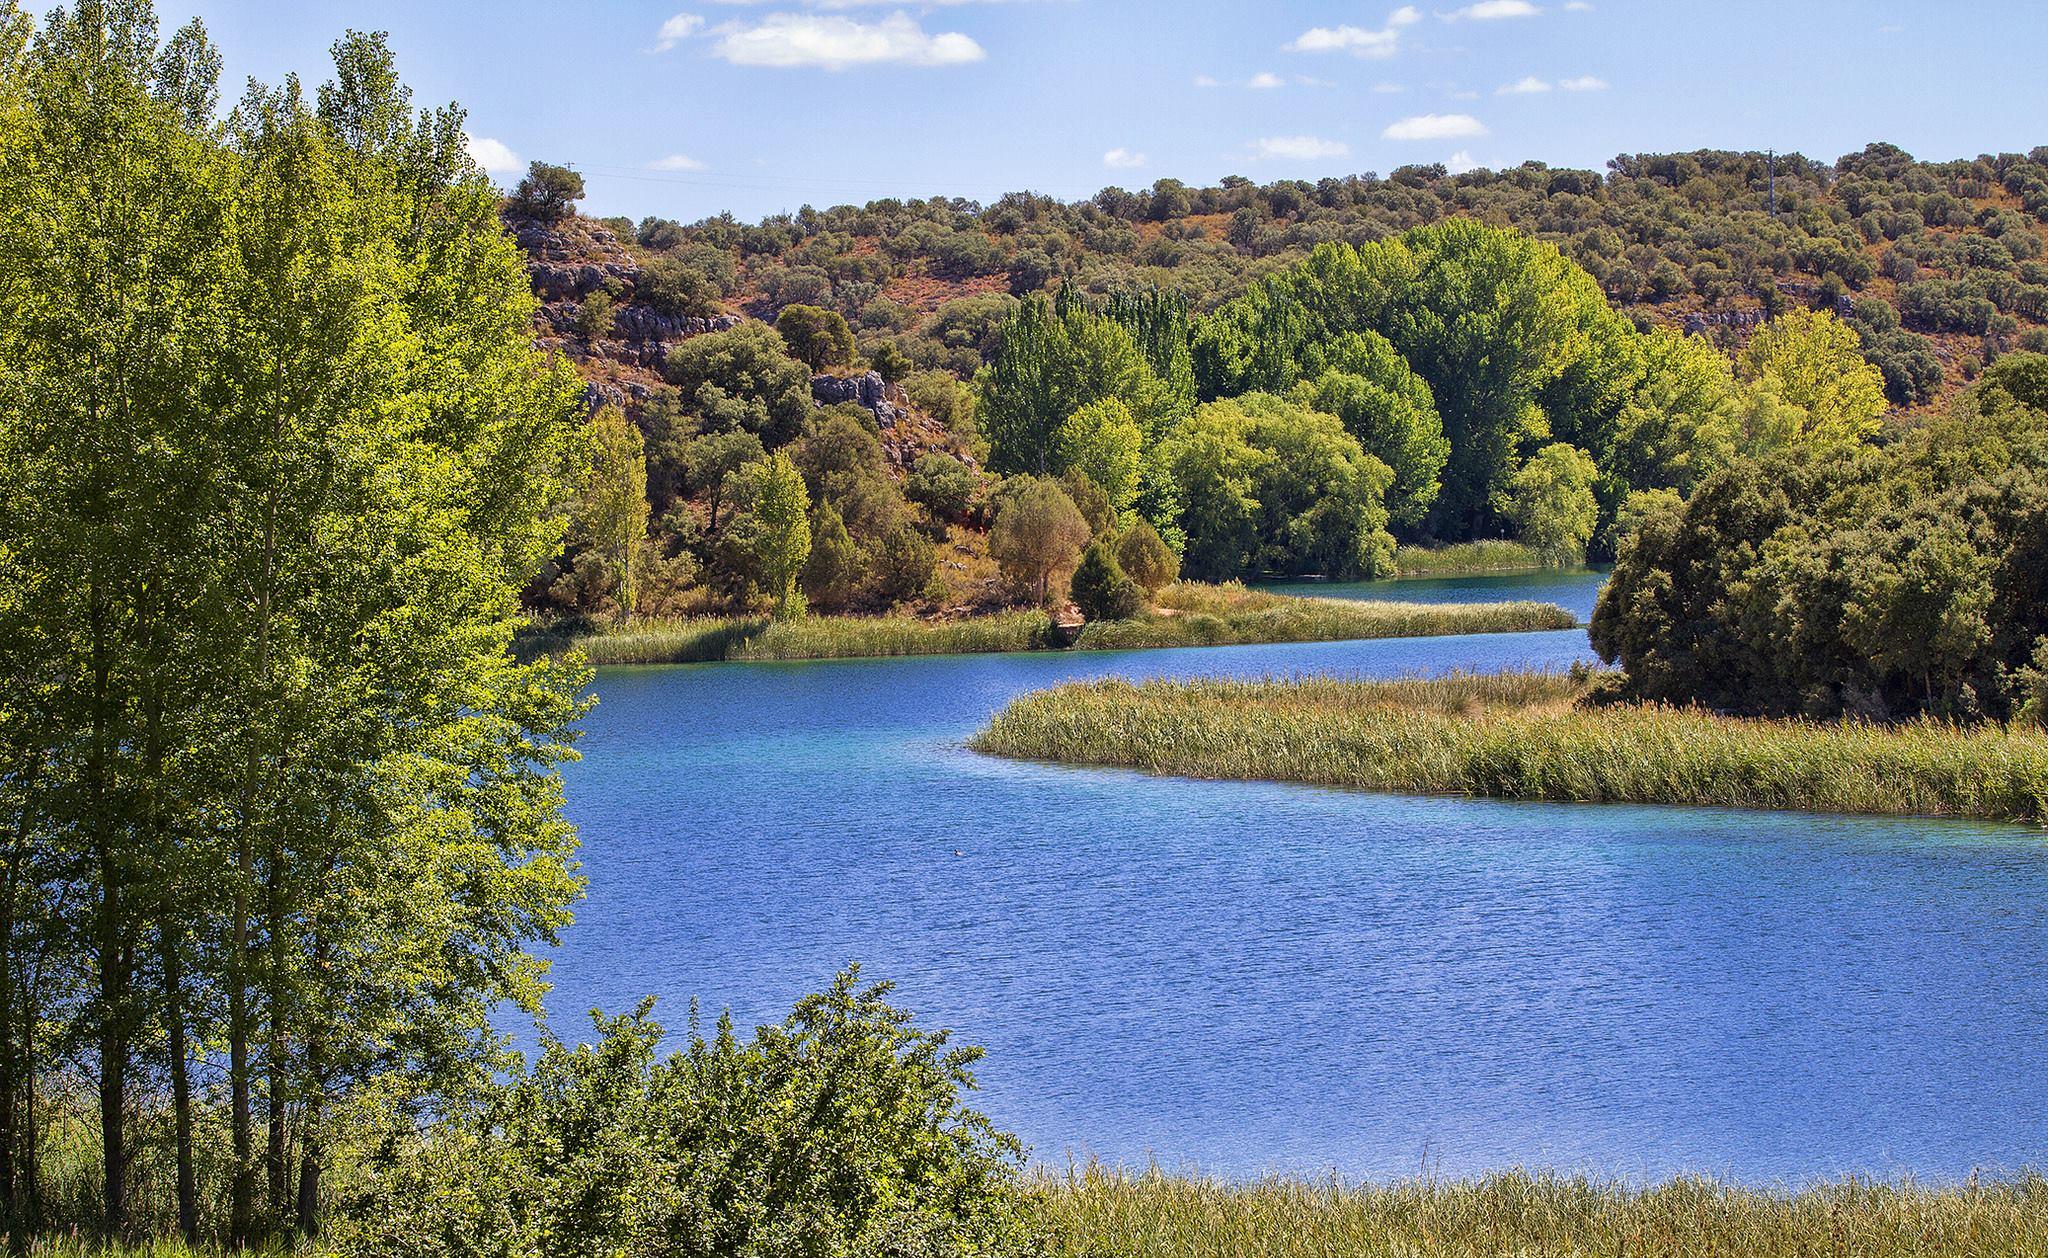 Laguna Conceja Villahermosa Alto Guadiana ecoturismo senderismo Lagunas de Ruidera turismo sostenible sabersabor La Mancha Ciudad Real